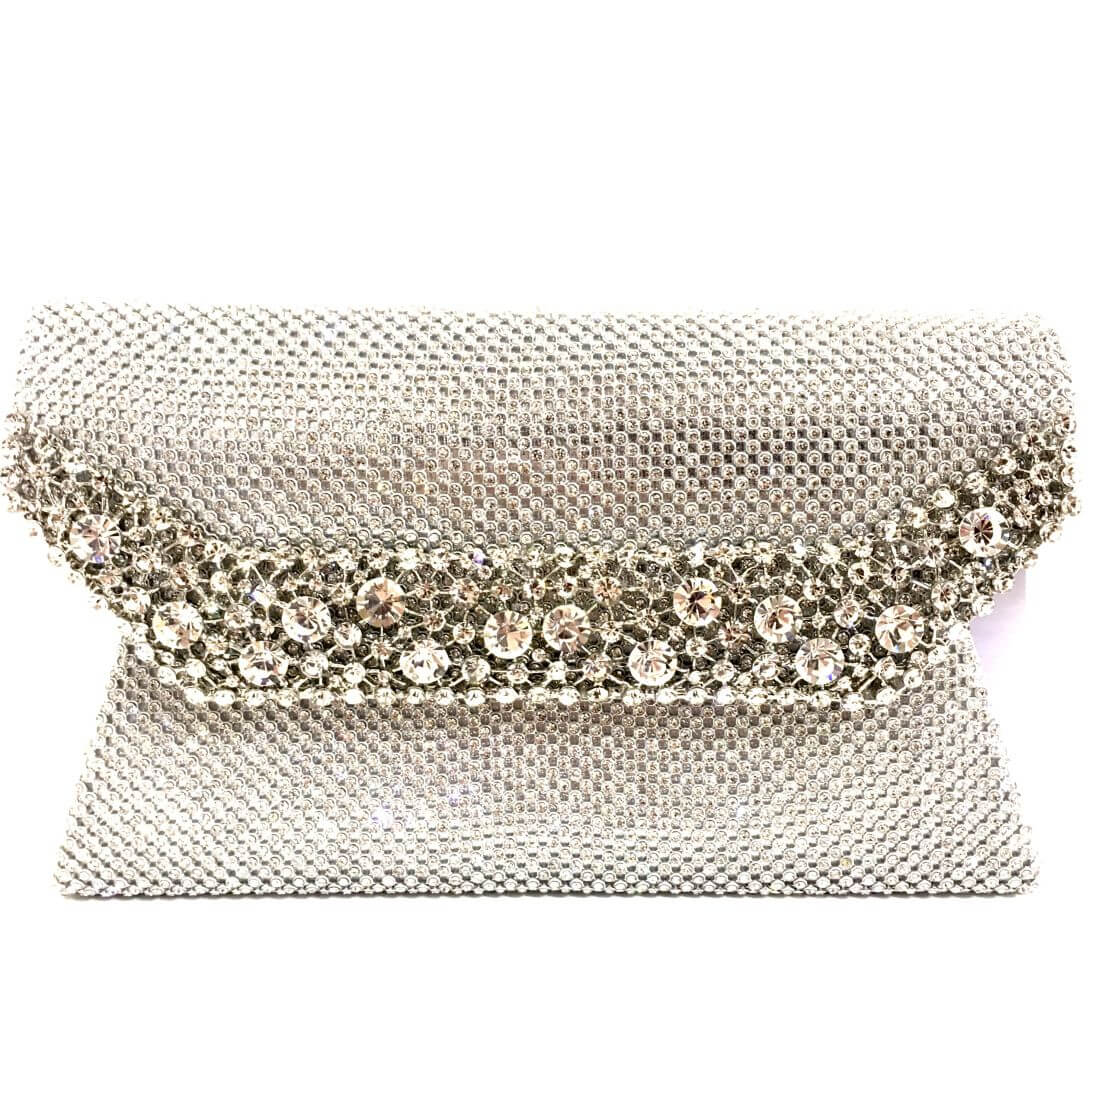 98782a8bd9 Pochette gioiello argento - Negozio Online Coco